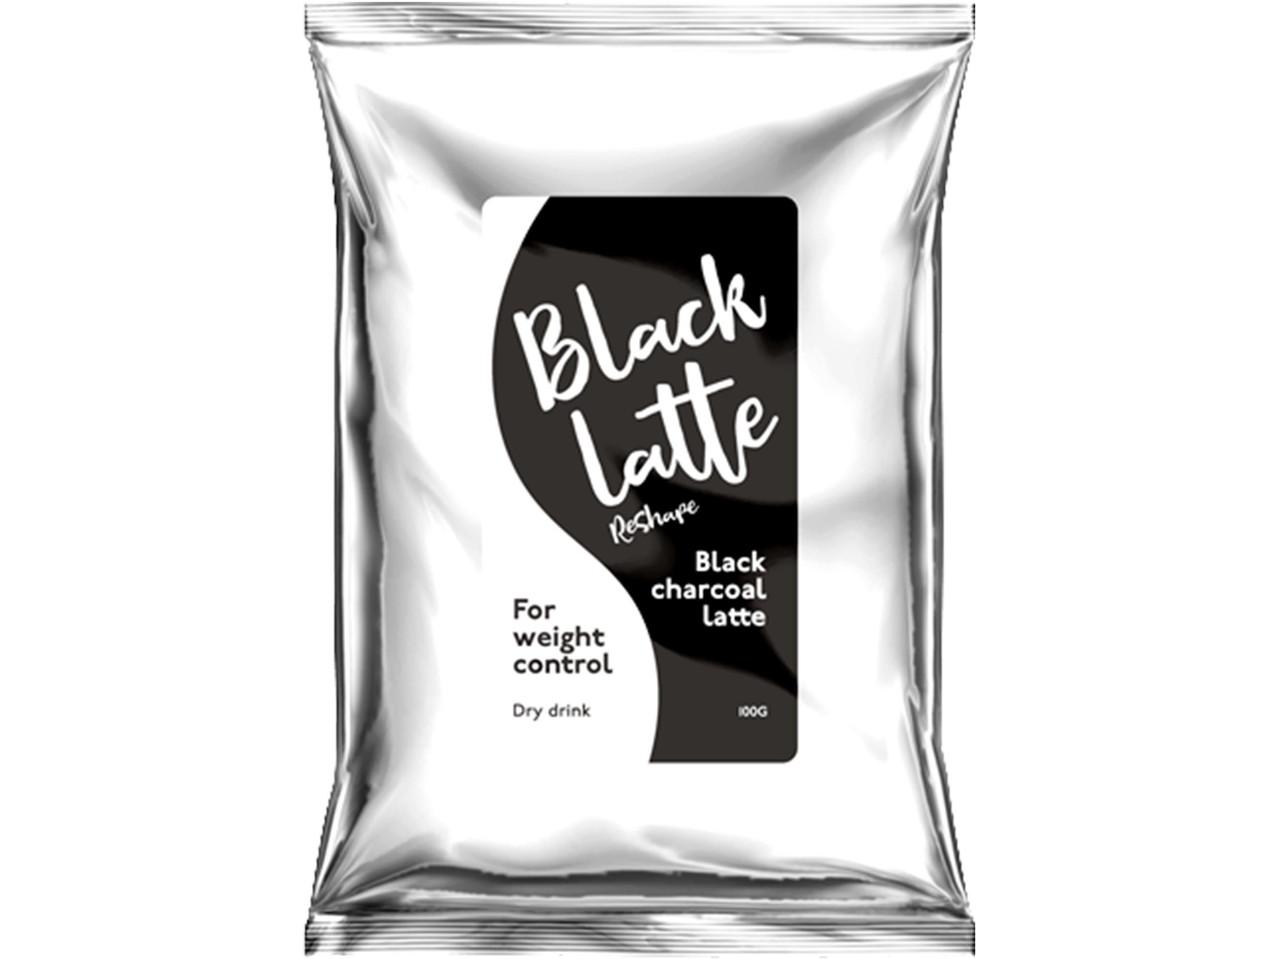 Угольный латте для похудения Black Latte